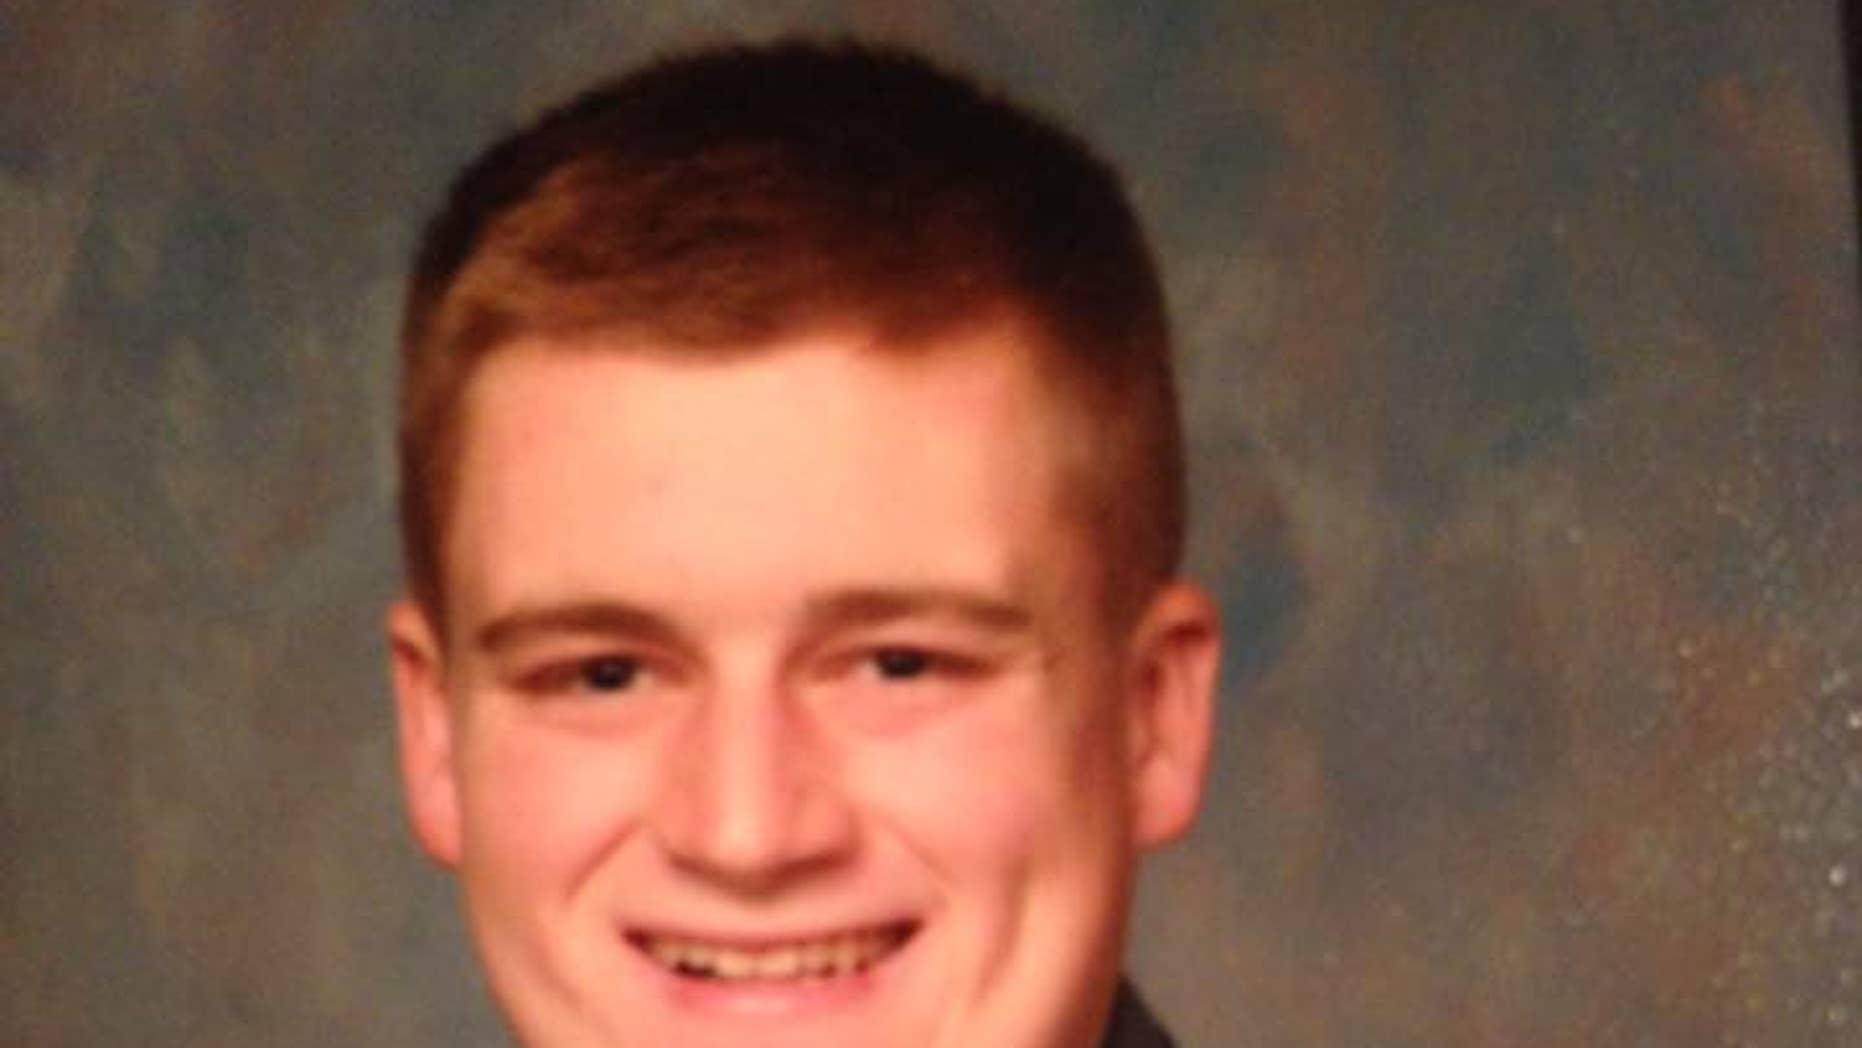 Cadet Tom Surdyke Memorial Fund